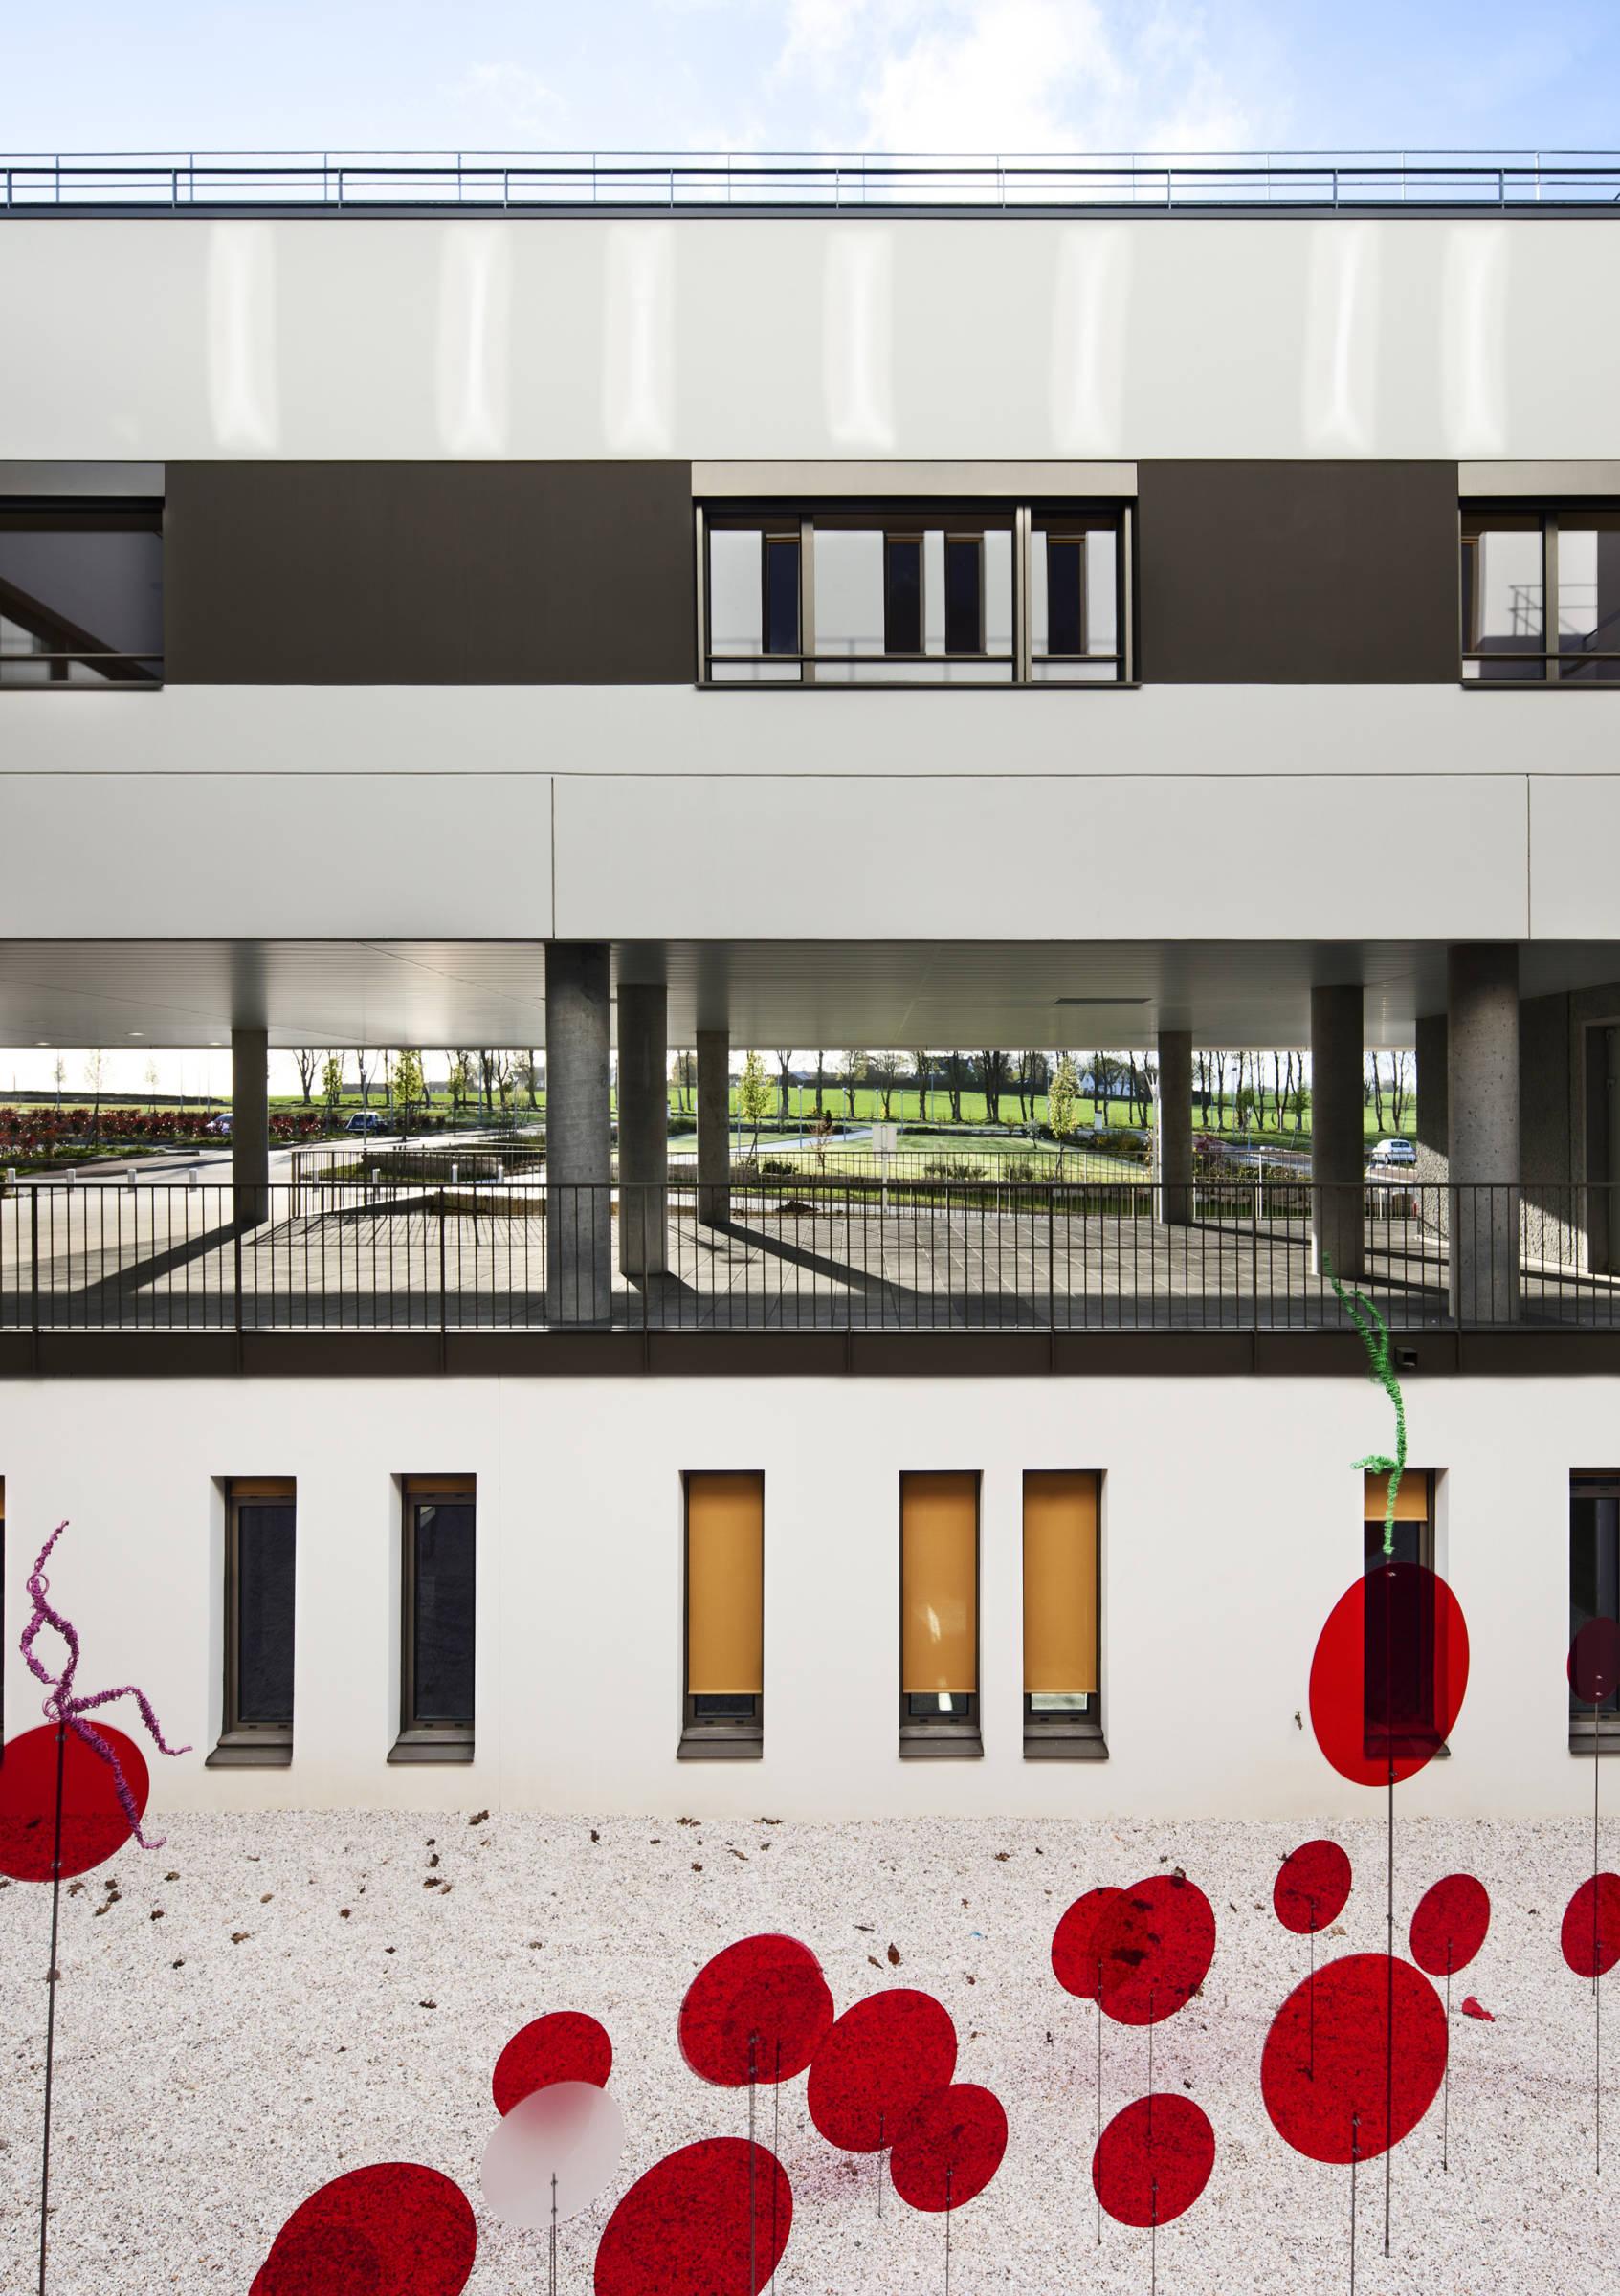 centre bretagne hospital groupe 6. Black Bedroom Furniture Sets. Home Design Ideas